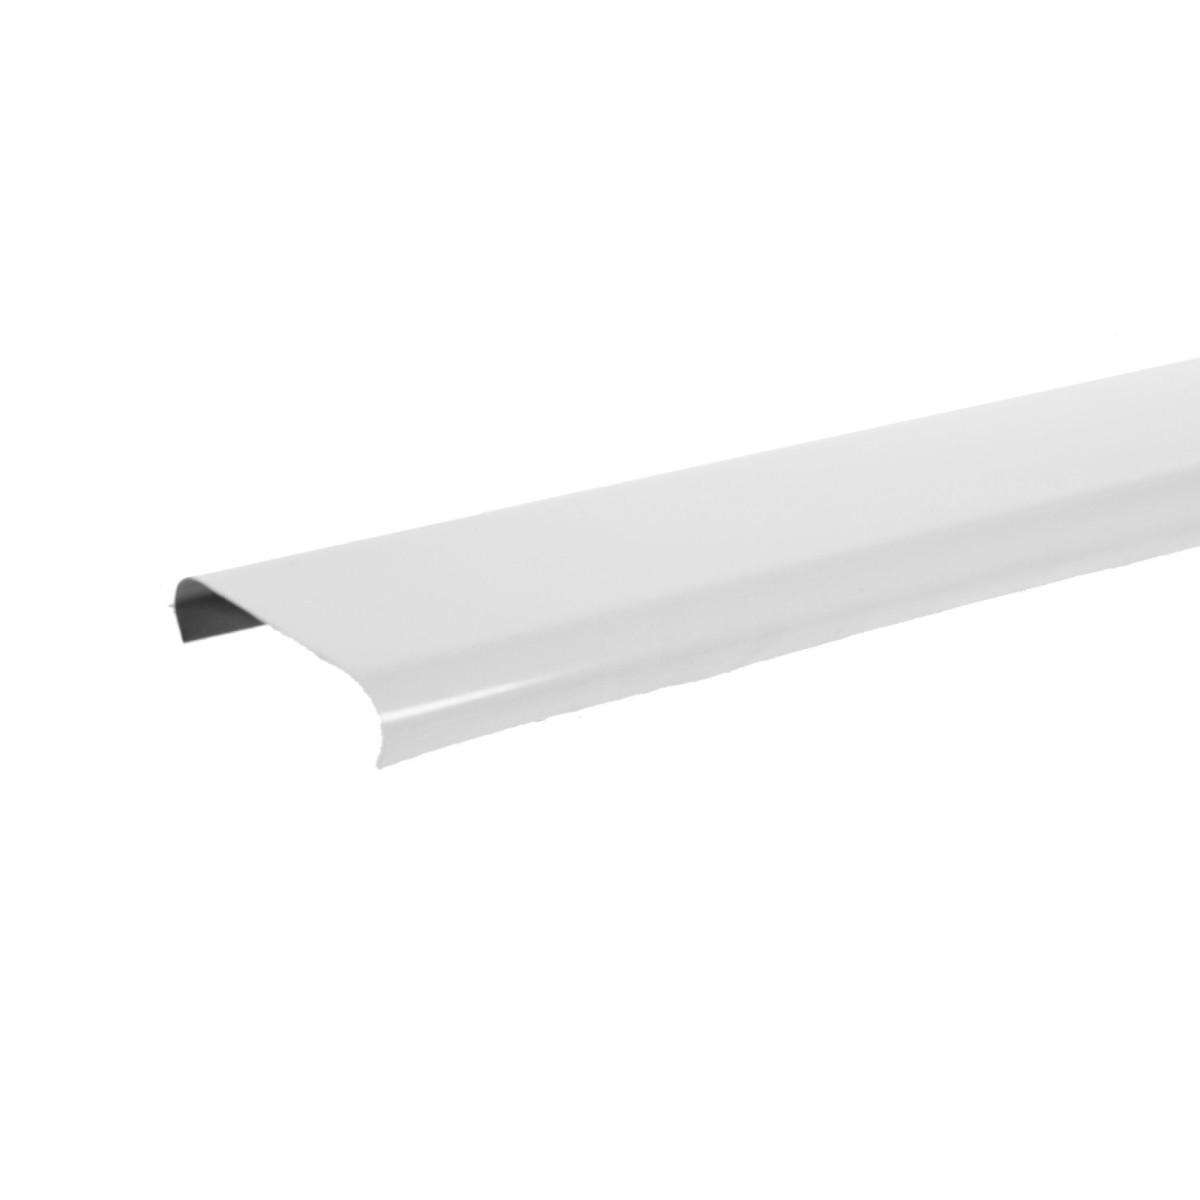 Набор реек 2х1 м цвет белый глянцевый без раскладки